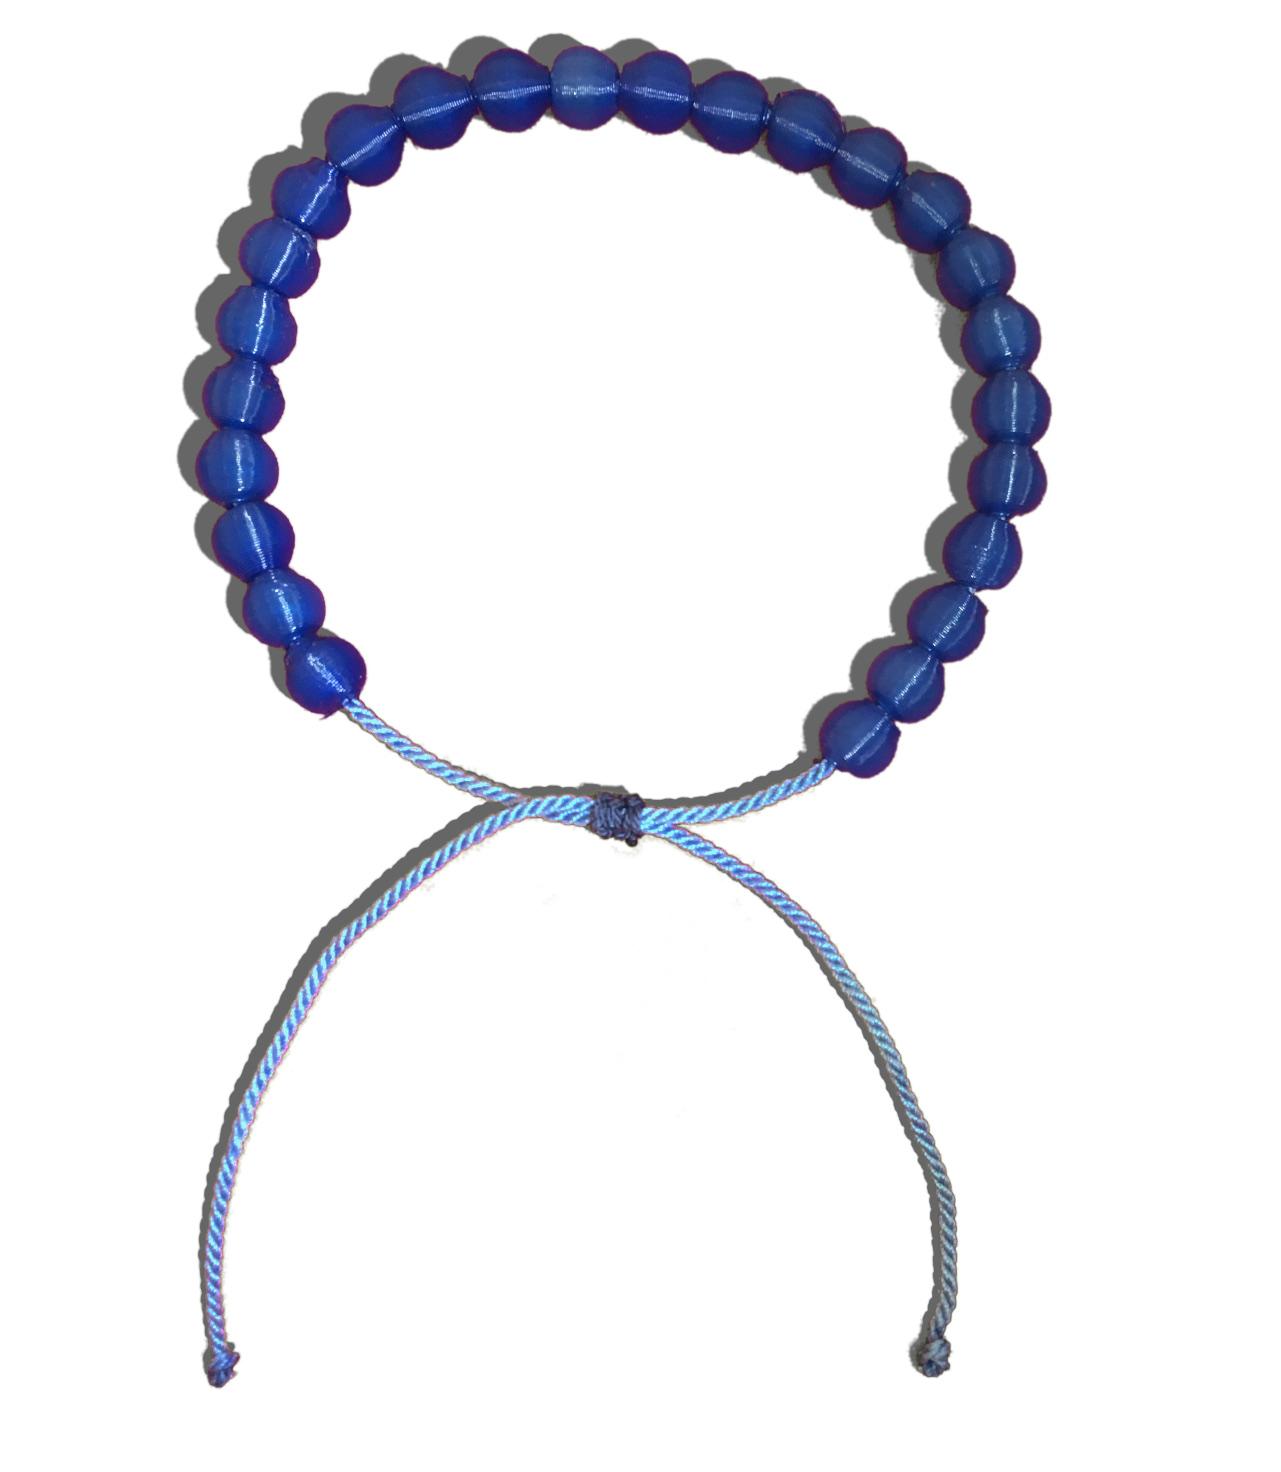 Sana Mare Armband Atlantik Blau/Blau